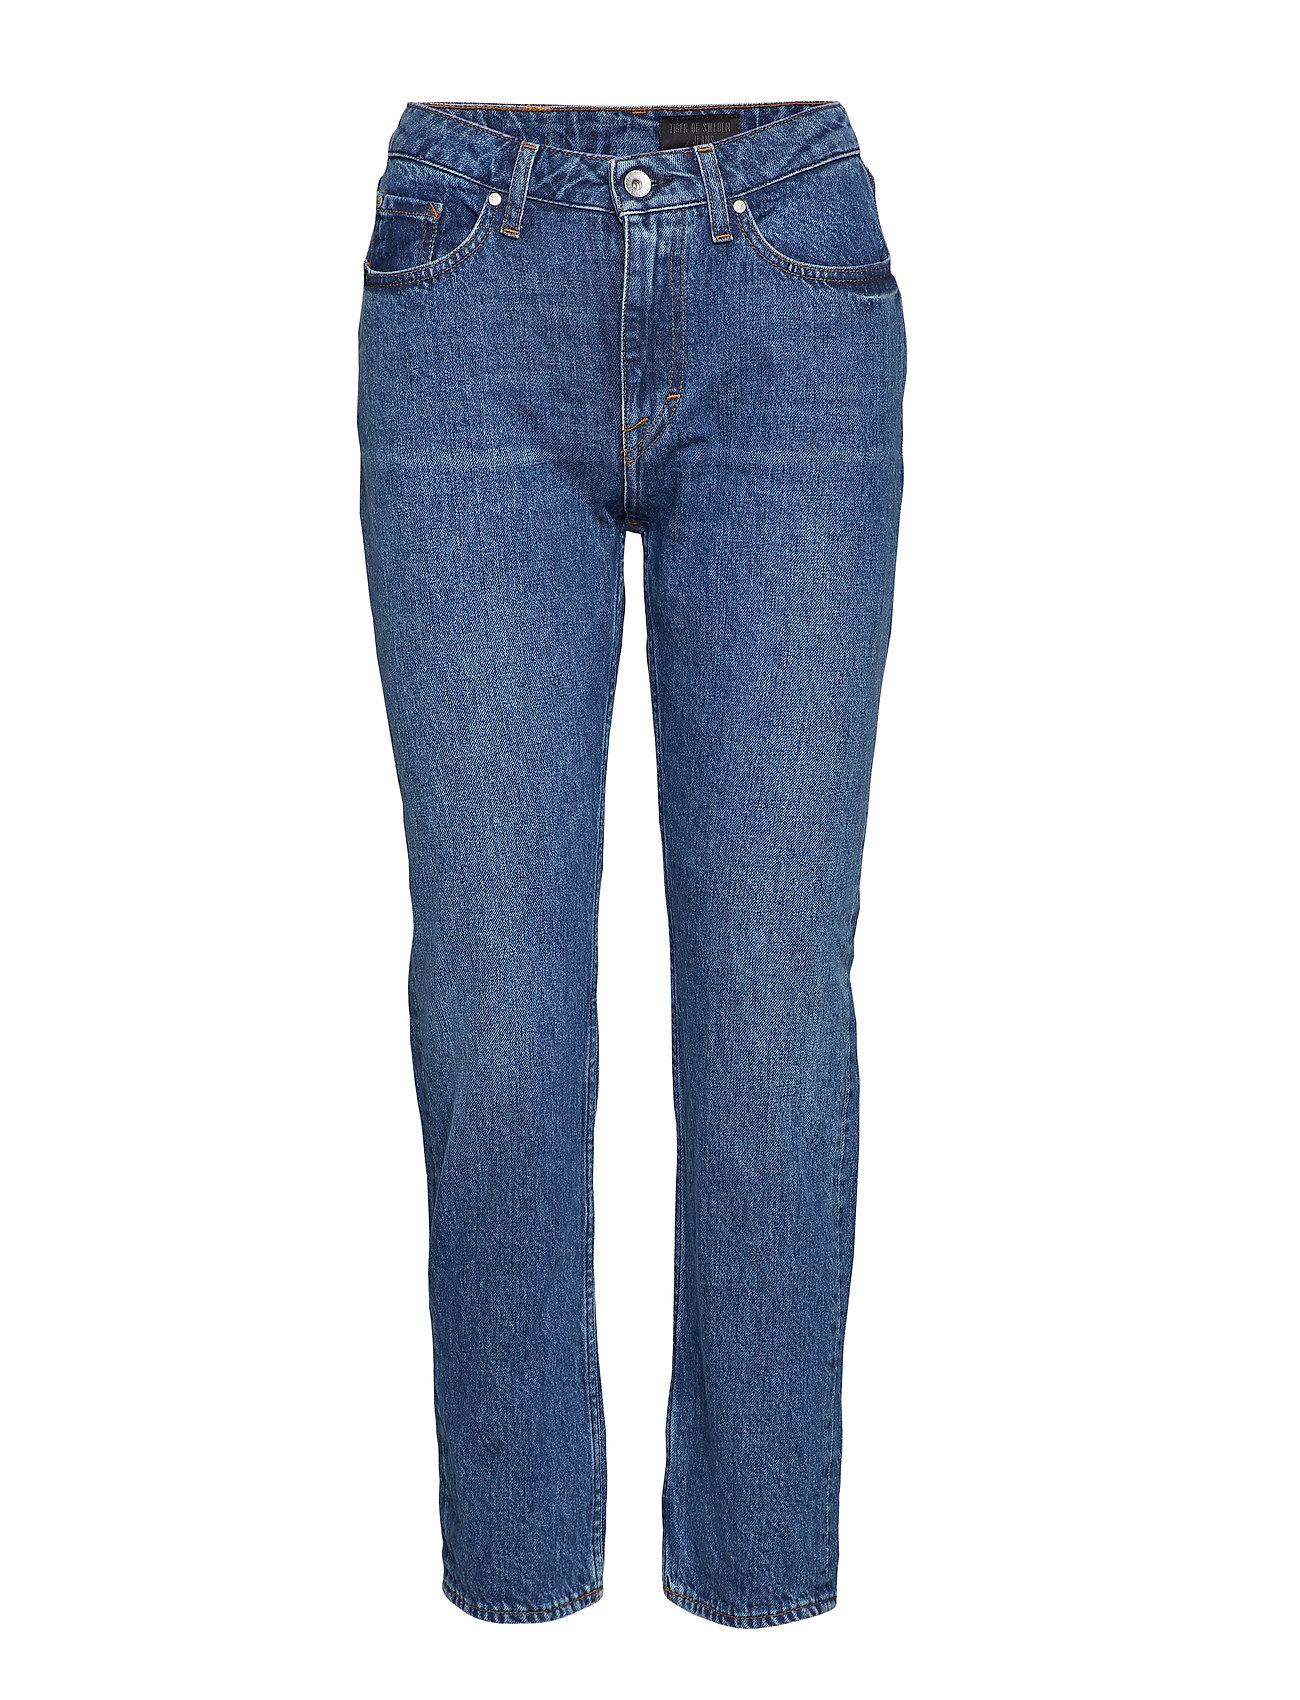 Tiger of Sweden Jeans LEX - MEDIUM BLUE